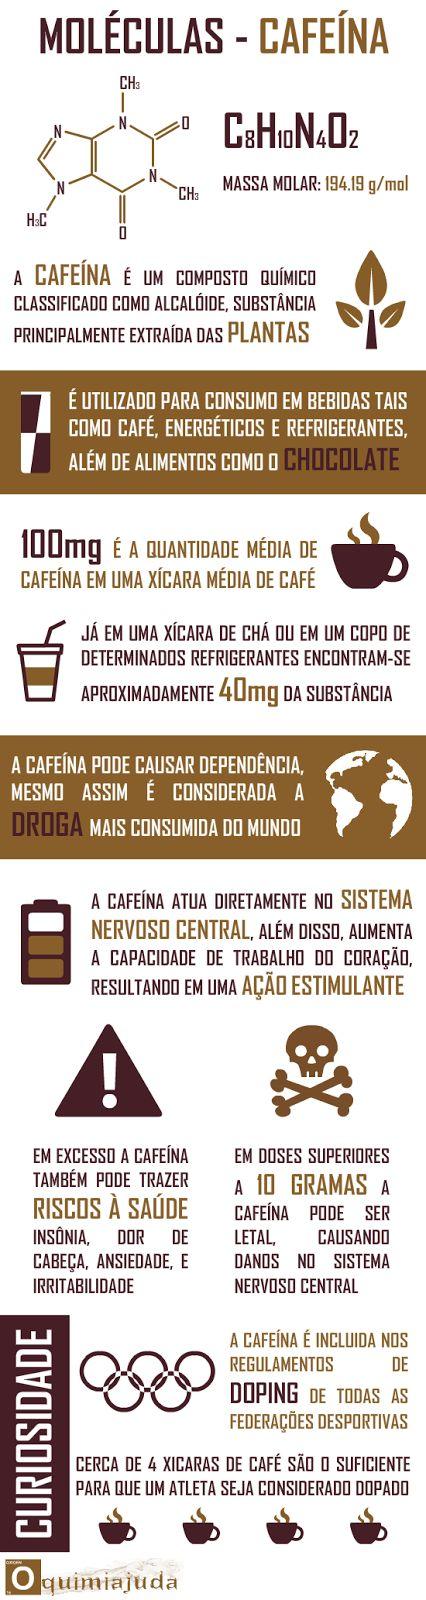 Moléculas+Cafeina.png (426×1600)